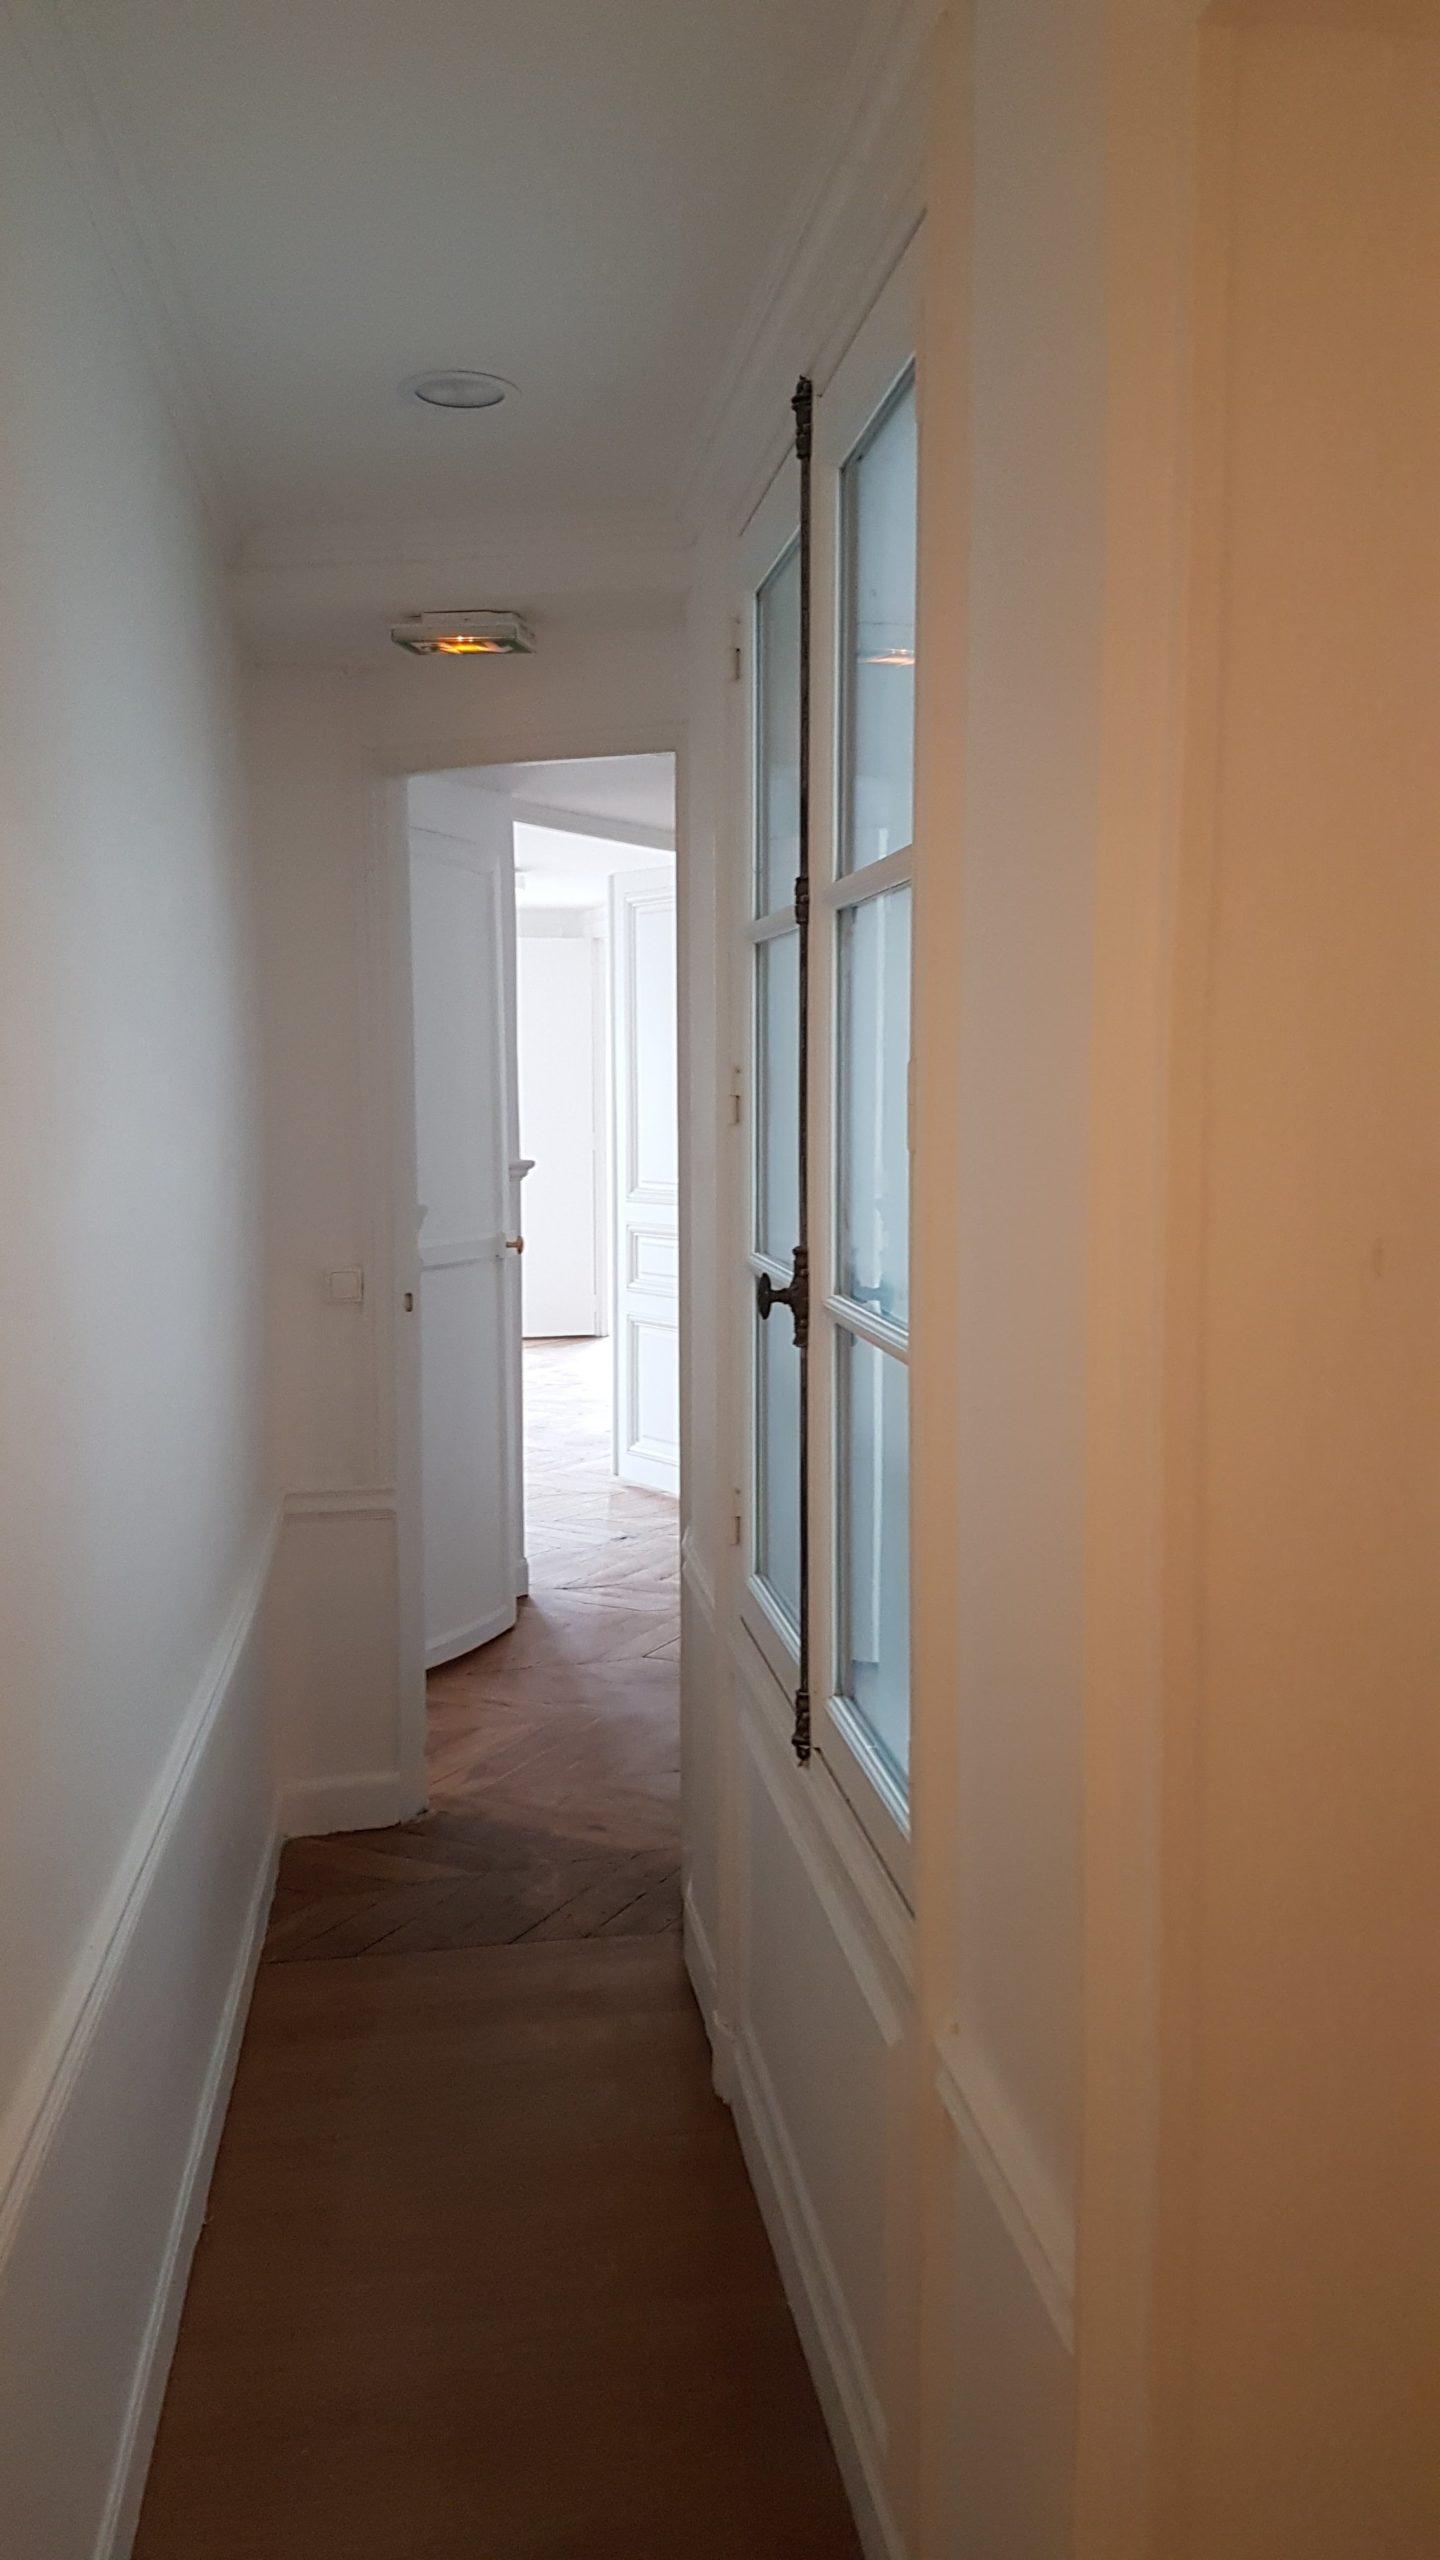 Couloir en enfilade dans un appartement